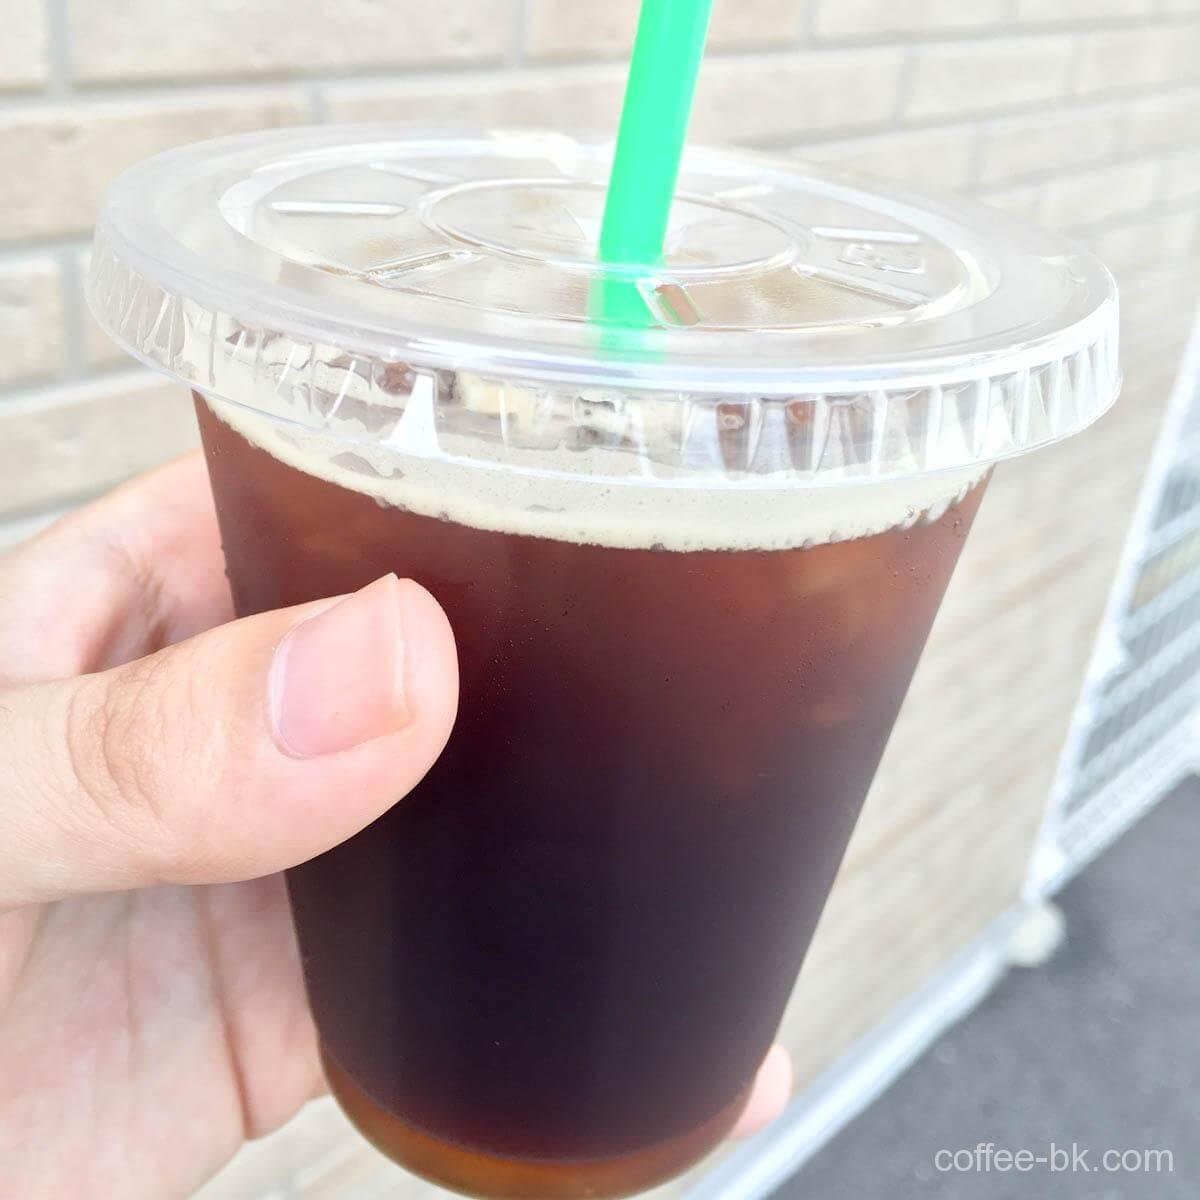 サークルK アイスコーヒー